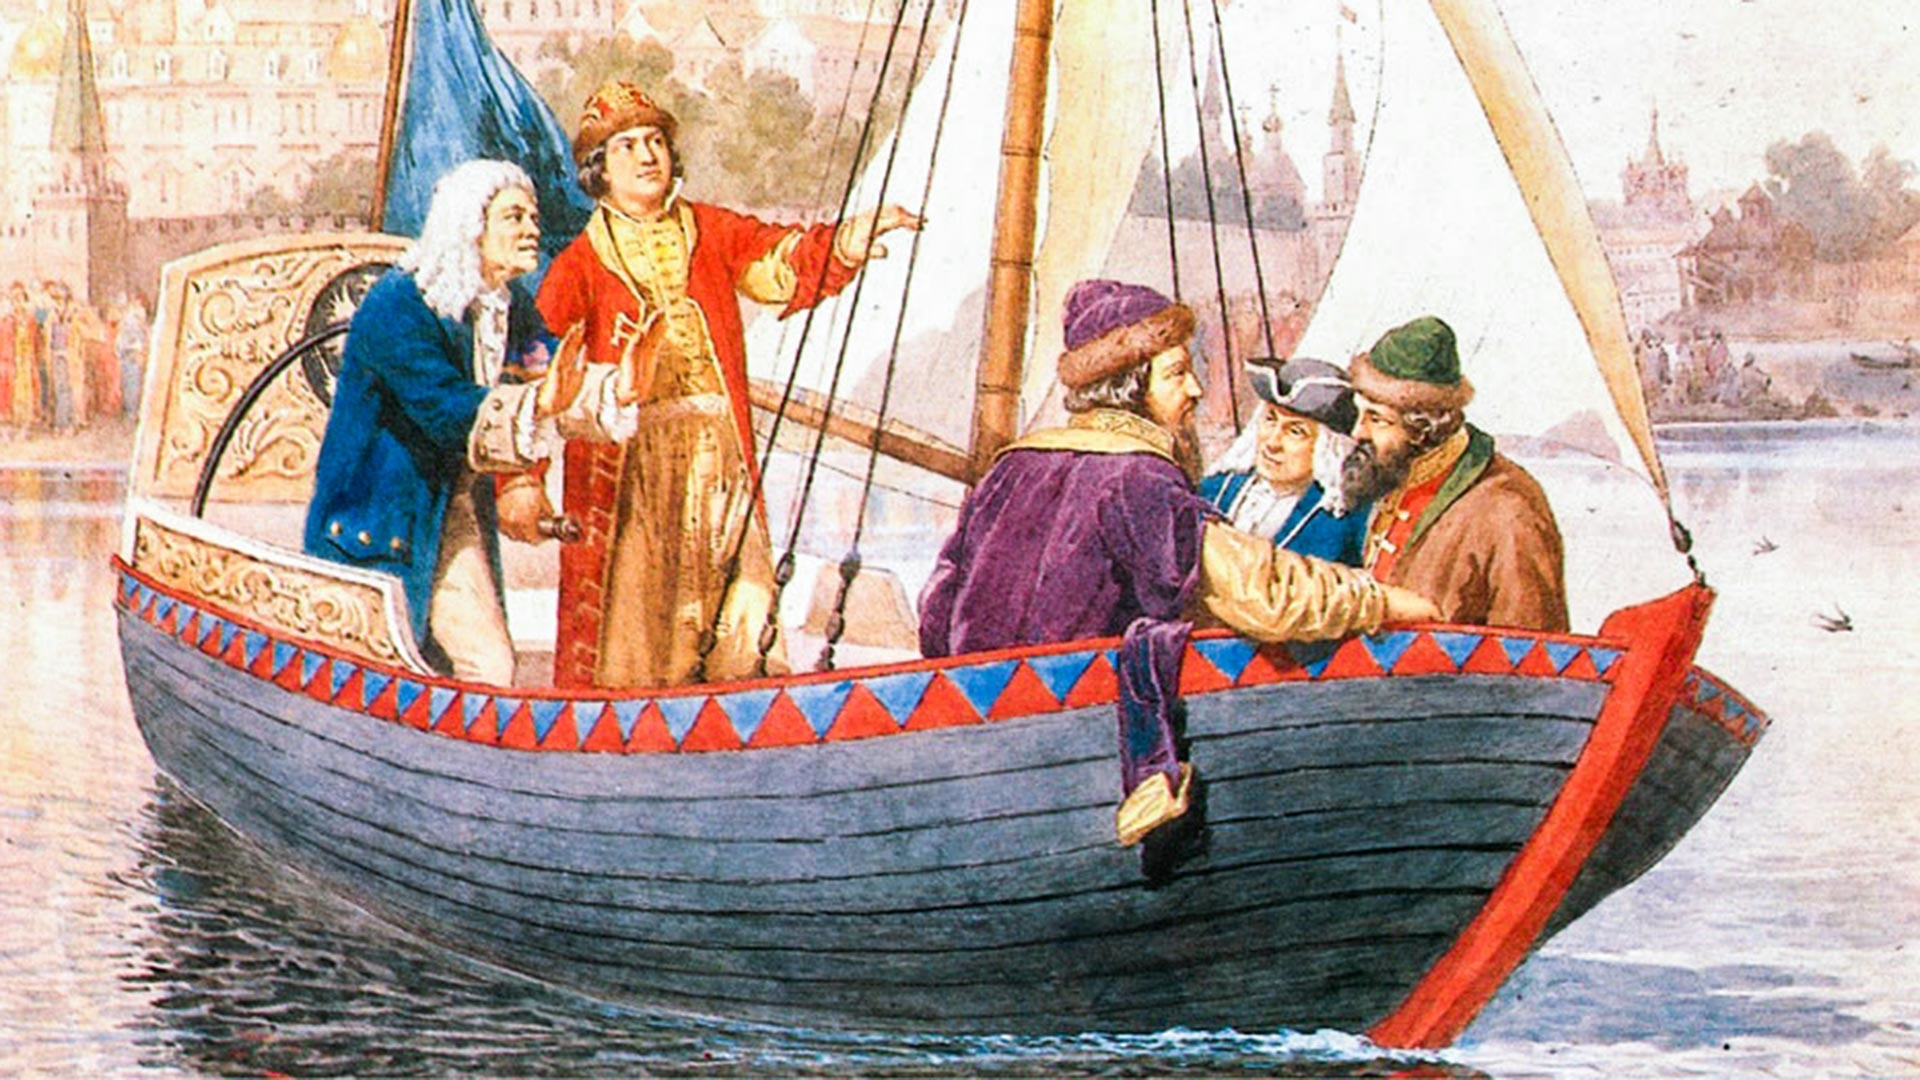 ピョートル大帝は小型船舶を操縦している。